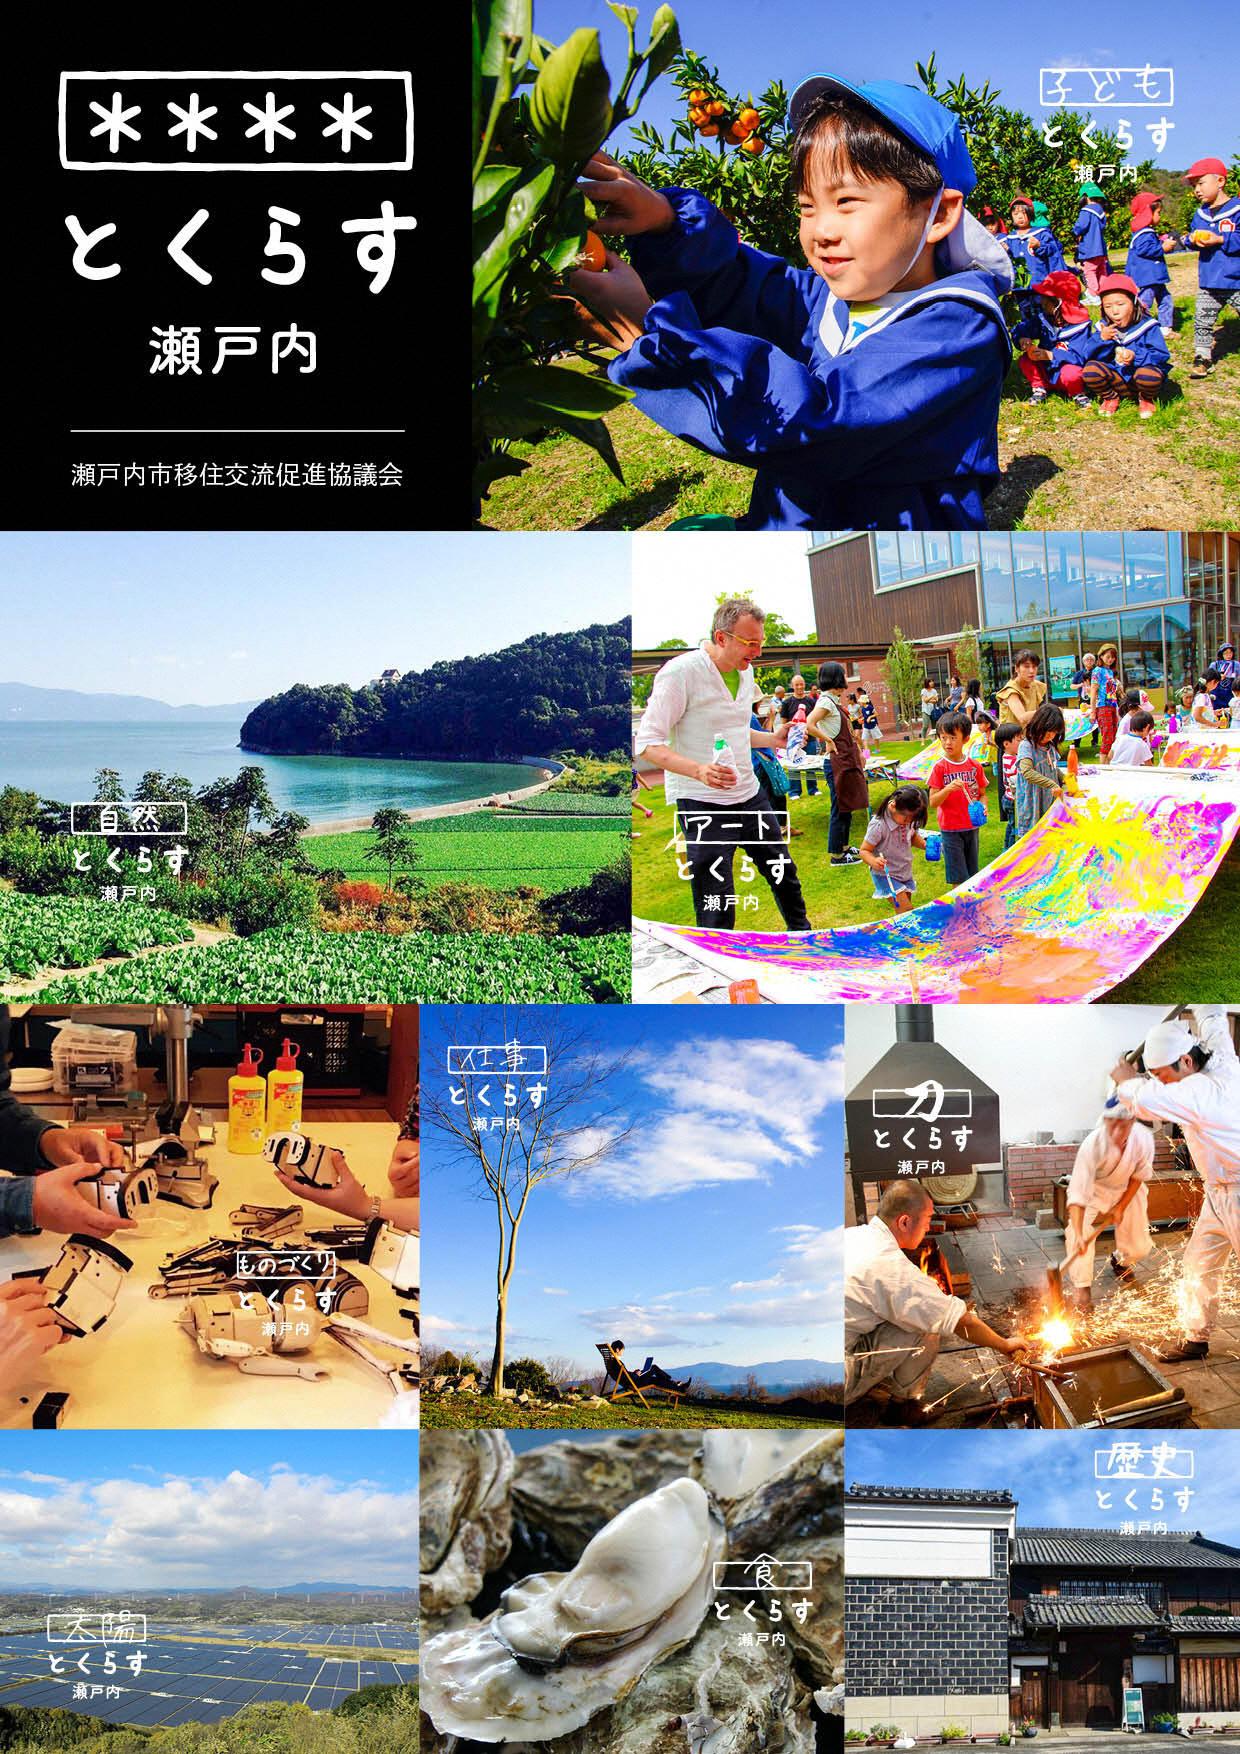 【参加者募集】瀬戸内市移住交流促進協議会主催「せとうちぐらし体験ツアー」を開催します